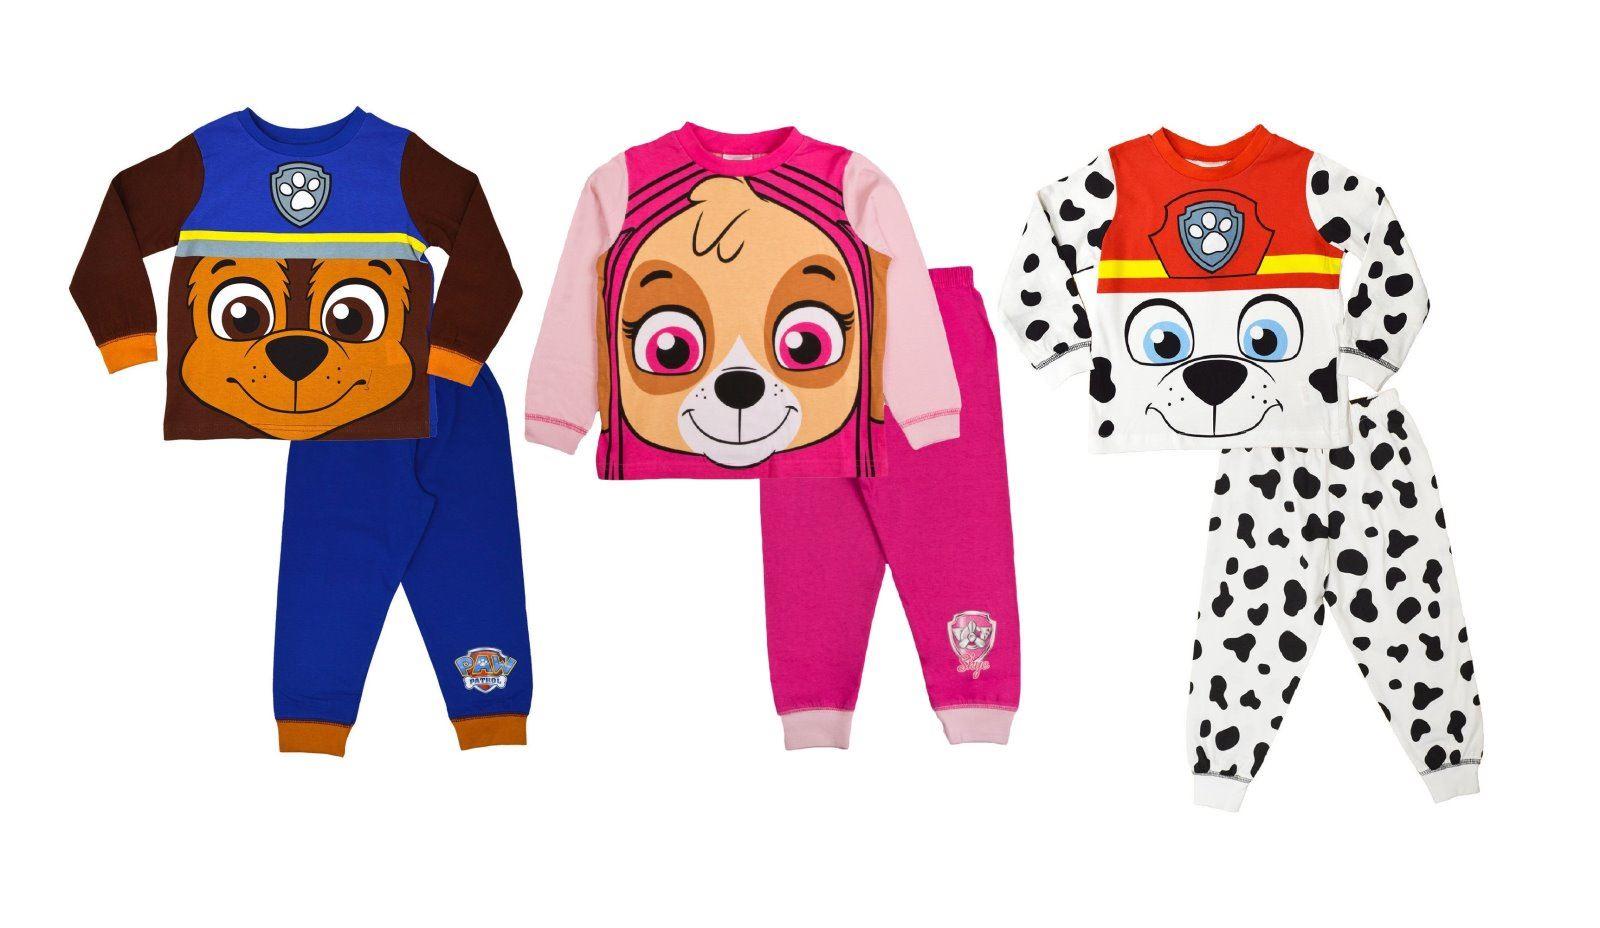 335d2b7bd3 Paw Patrol Jungen Mädchen Schlafanzug Kleinkinder Charakter Kinder ...